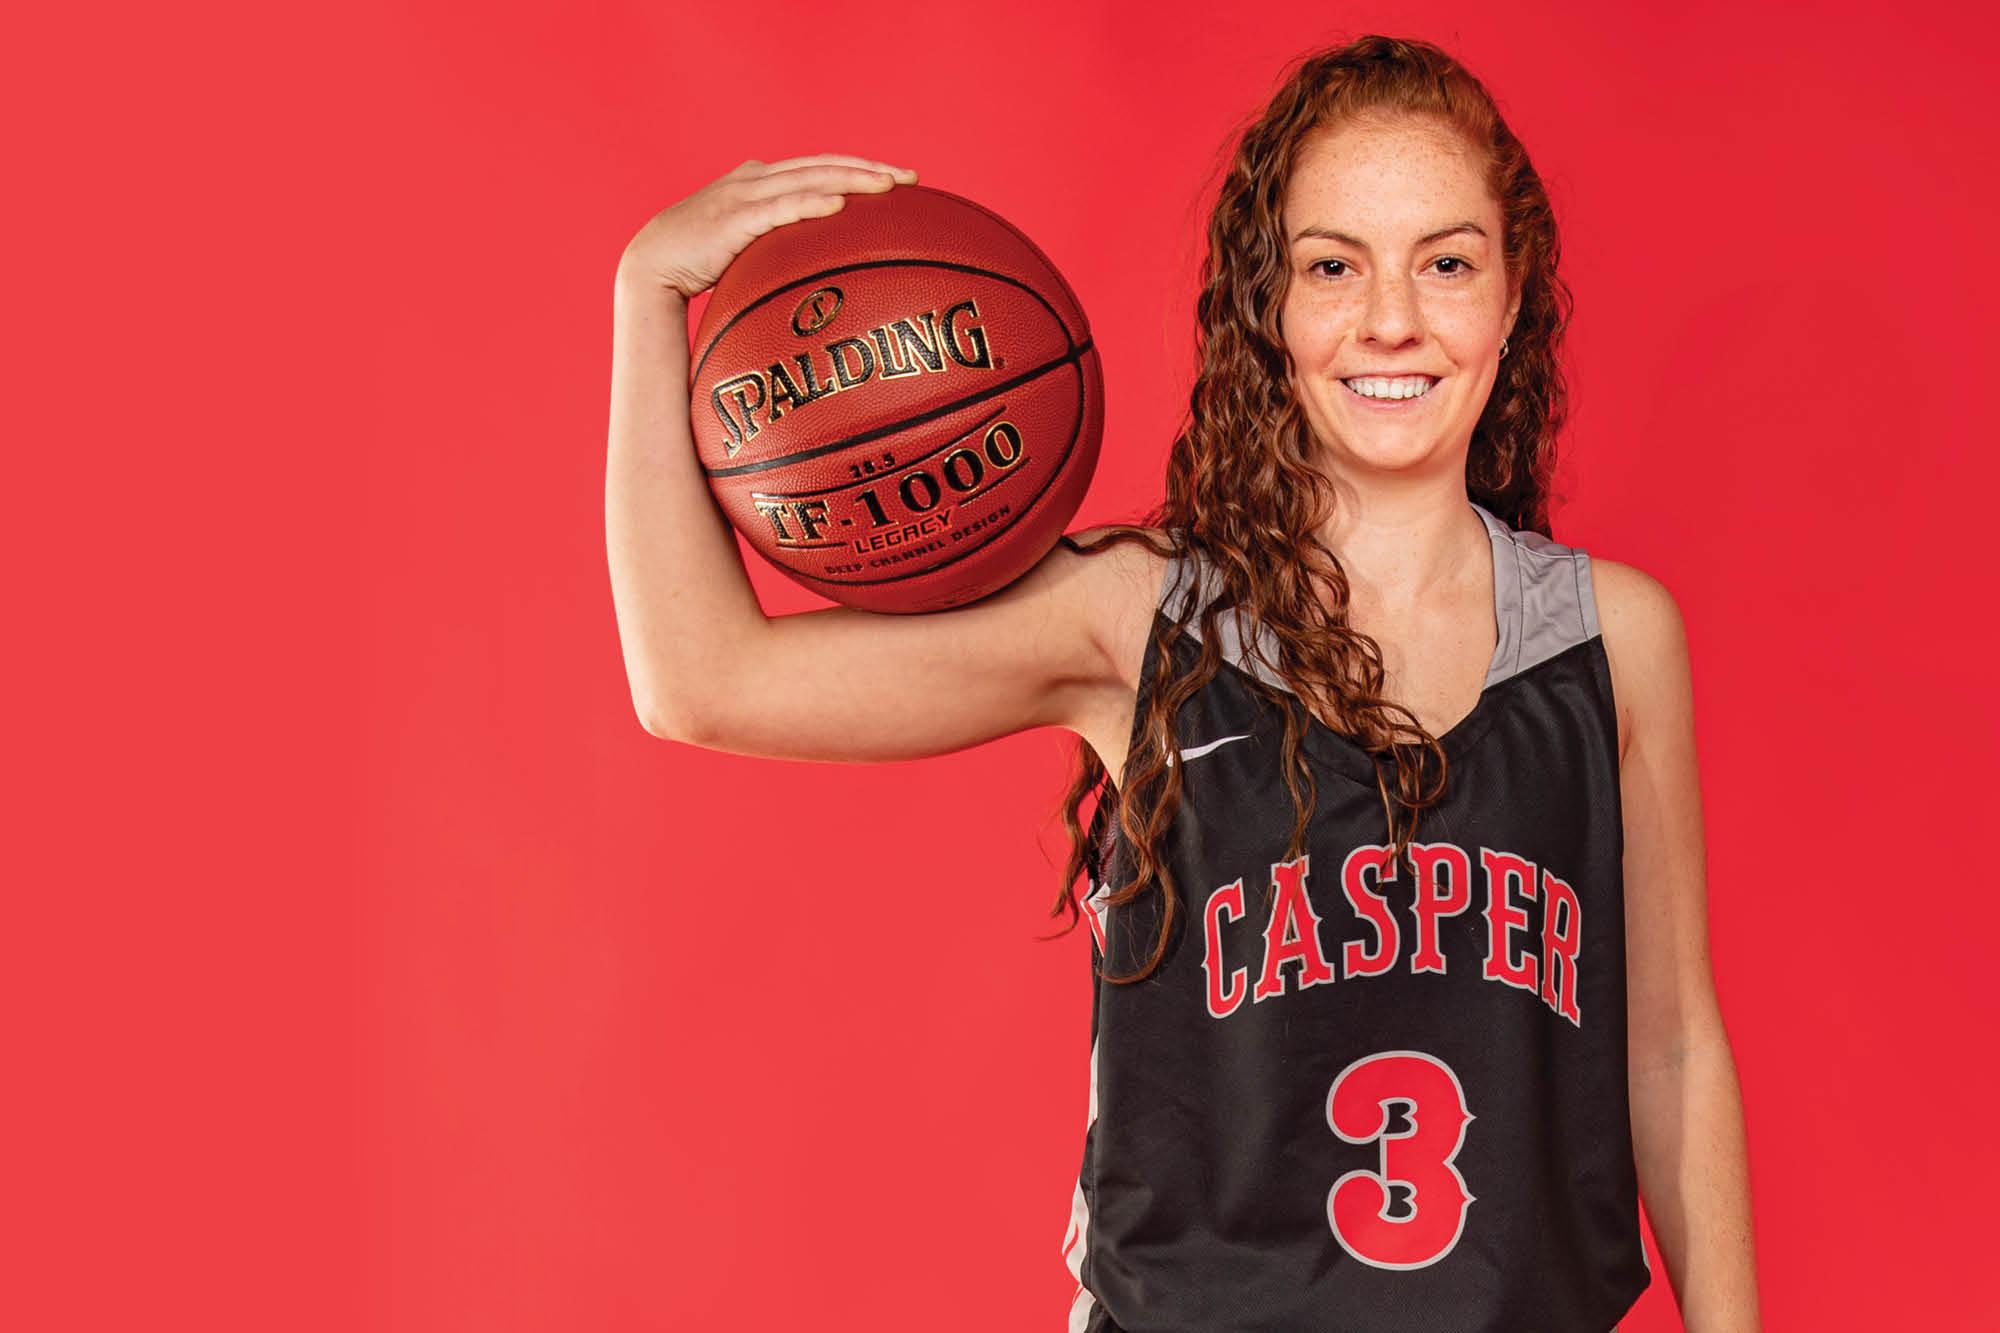 Photo of Casper College Women's Basketball player Raquel Ferrer-Bernad